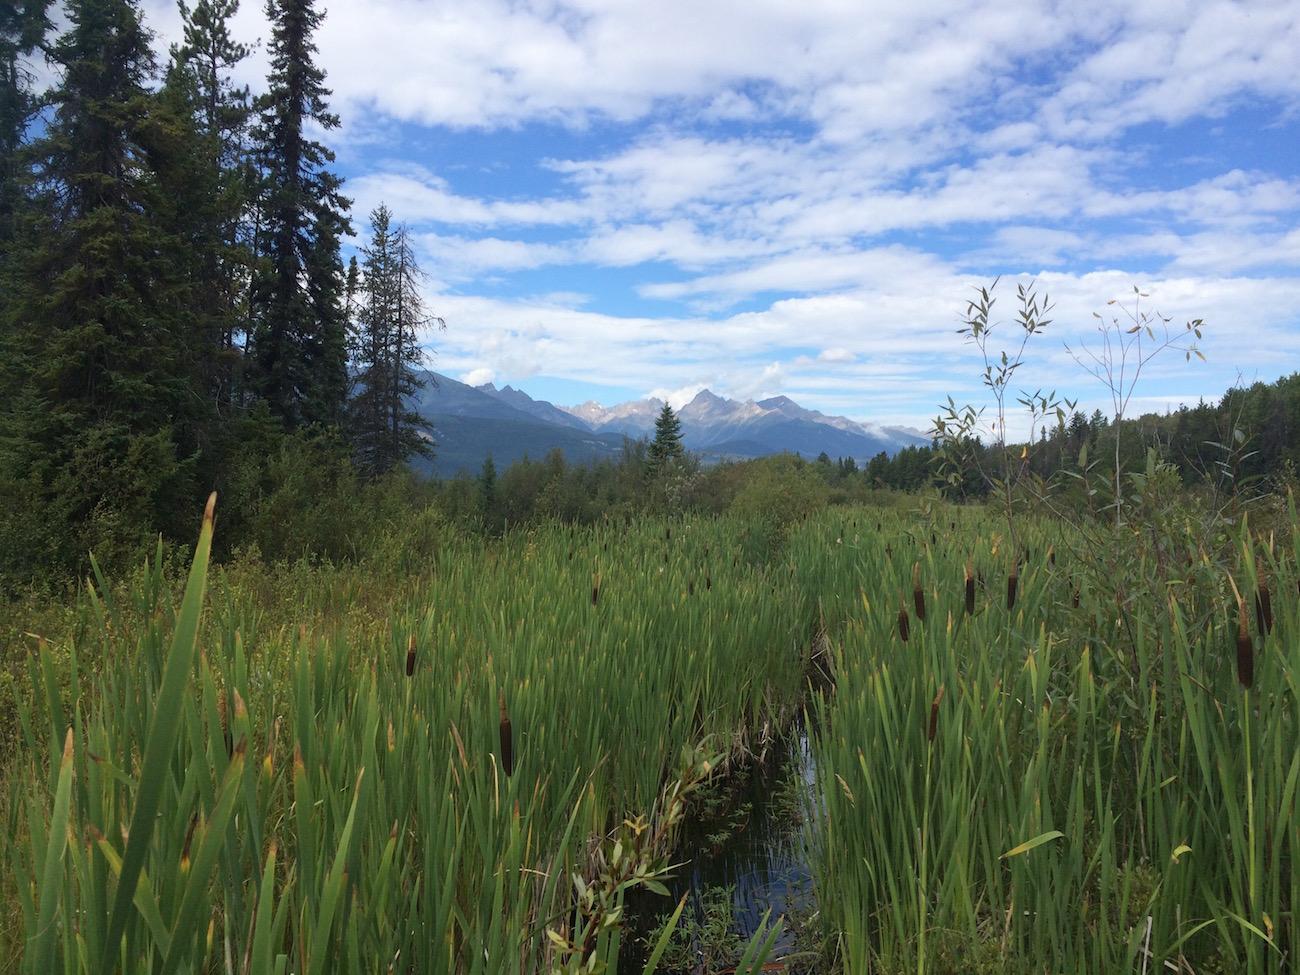 Sumpf und Berge: In Valemount wird Anstrengung mit wunderschönen Panoramen belohnt!